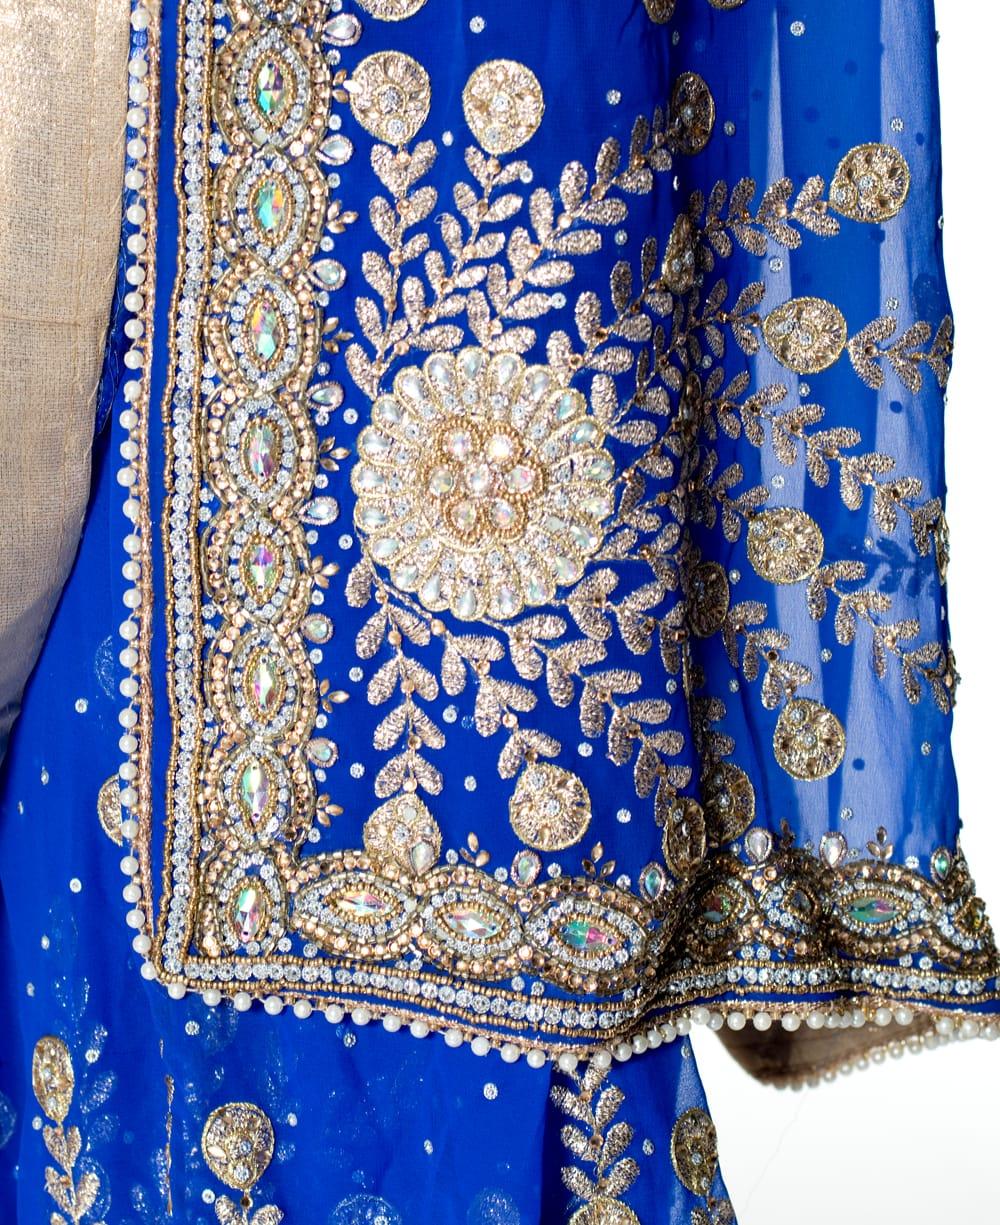 【一点物】孔雀の羽刺繍の婚礼用ゴージャス ジョーゼットサリー【チョリ付き】 - 青 7 - 縁の拡大写真です